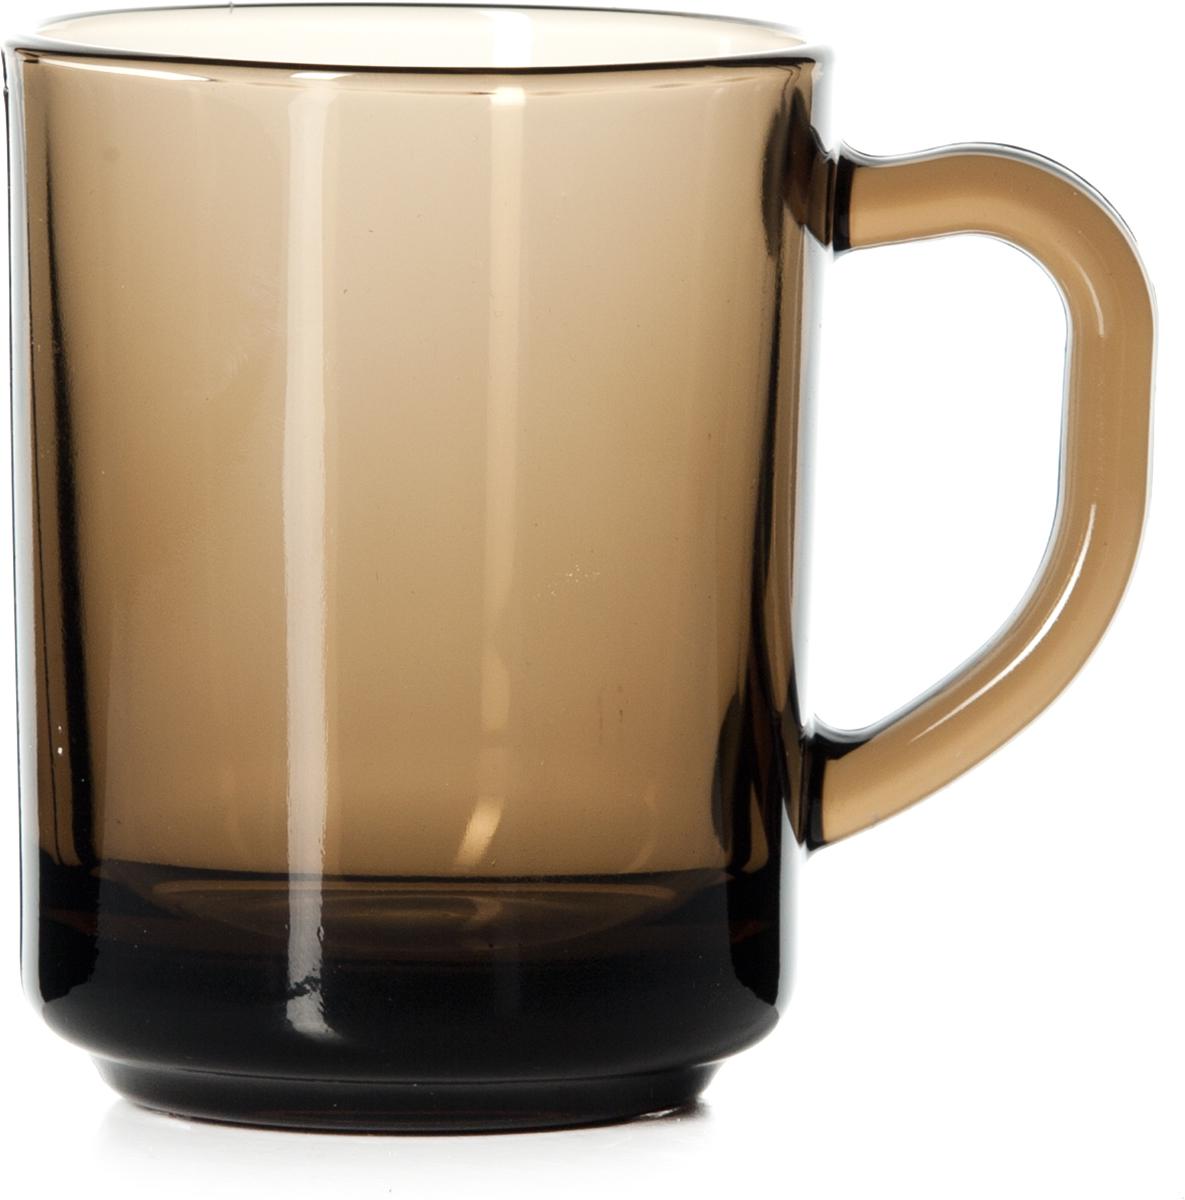 Набор кружек Pasabahce Bronze, 250 мл, 2 шт55029BZTНабор Pasabahce Bronze состоит из двух кружек с удобными ручками, выполненных из прочного натрий-кальций-силикатного стекла. Изделия хорошо удерживают тепло, не нагреваются. Посуда Pasabahce будет радовать вас оригинальным дизайном и качеством изготовления.